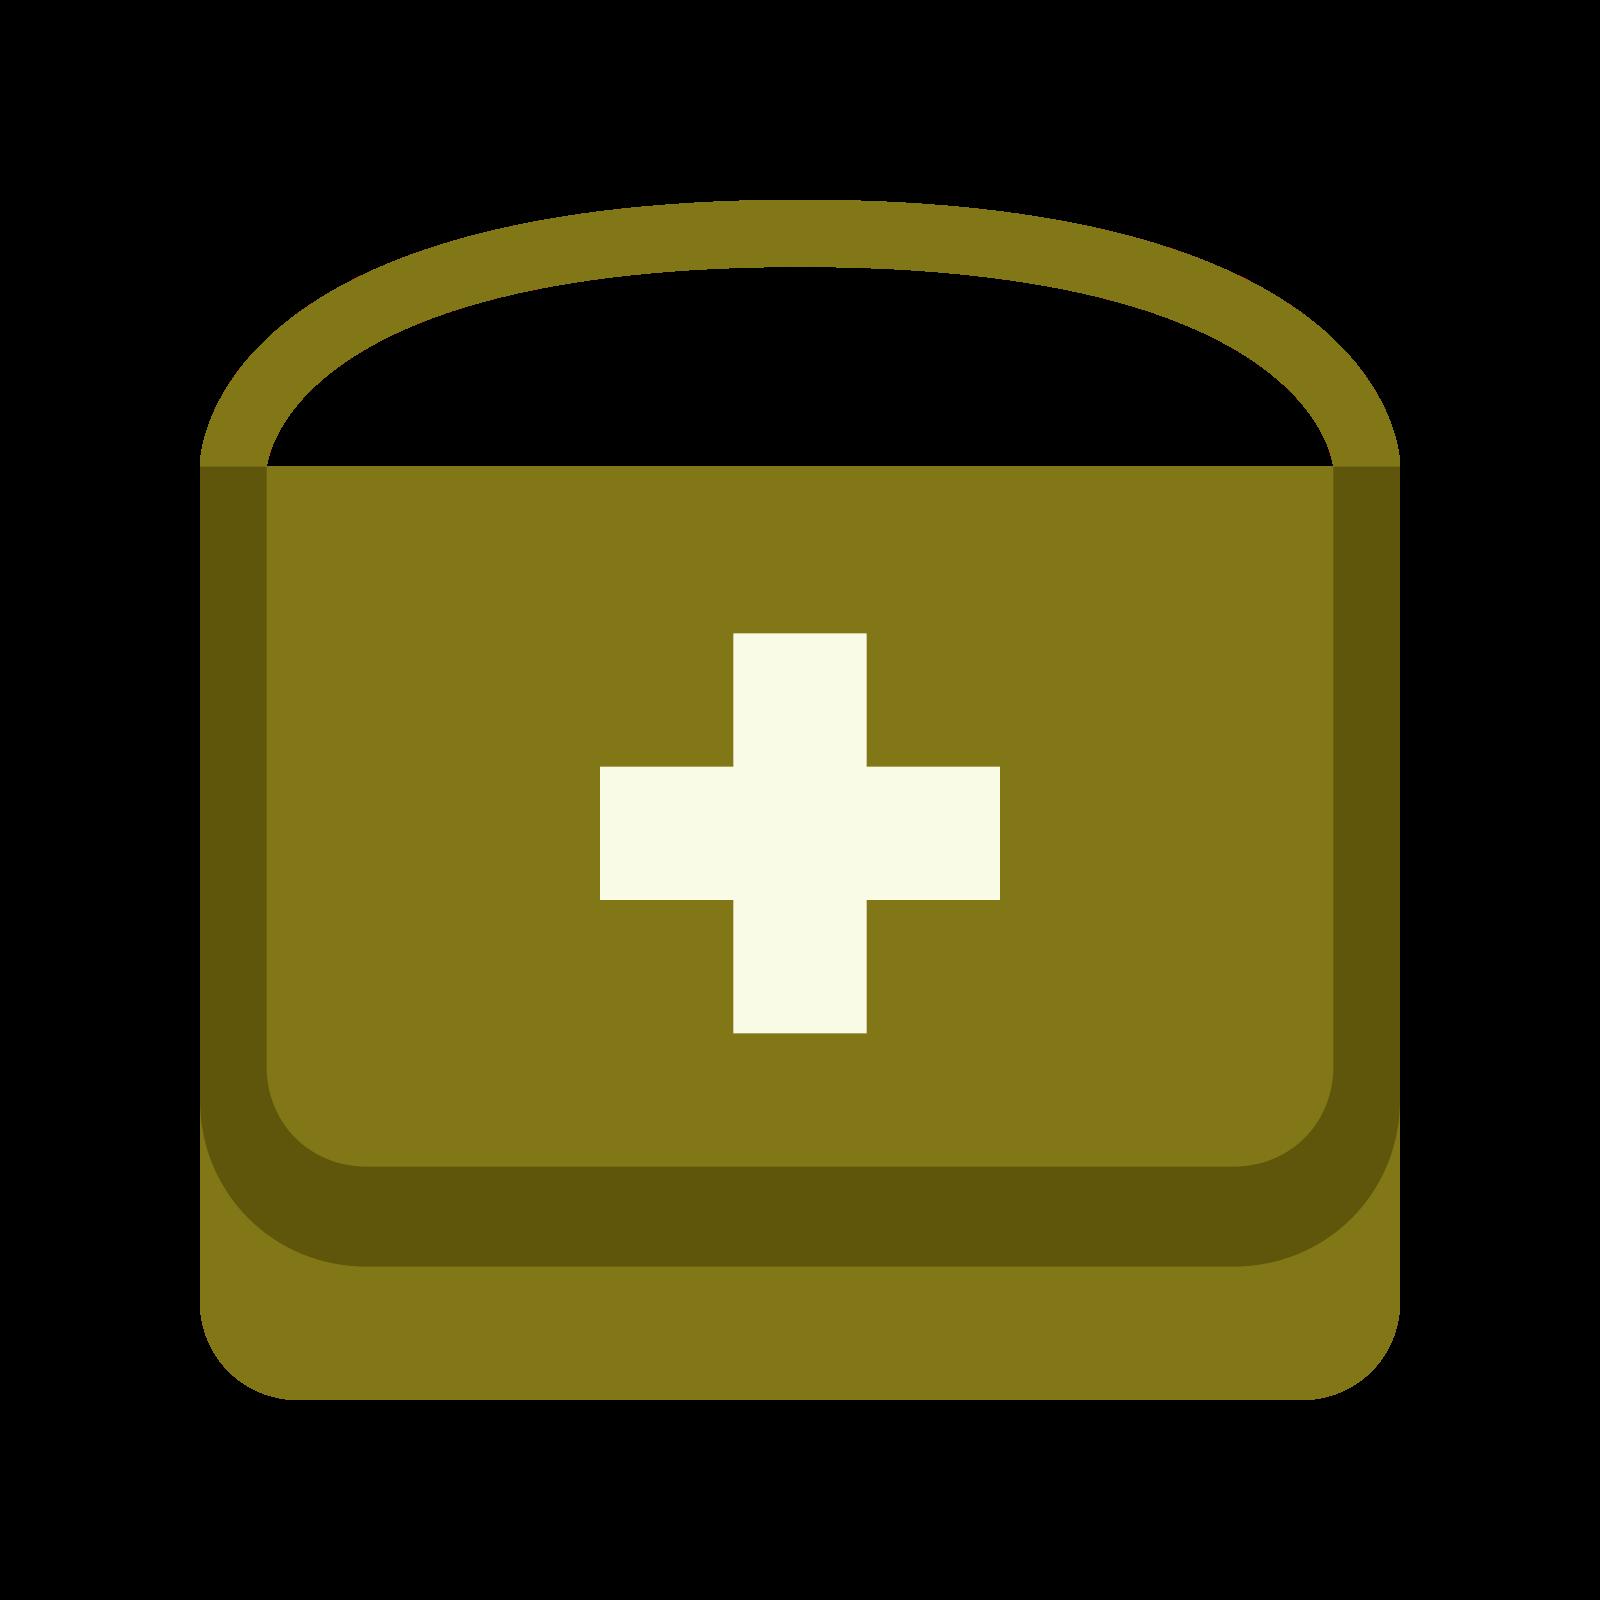 Bolso de supervivencia icon